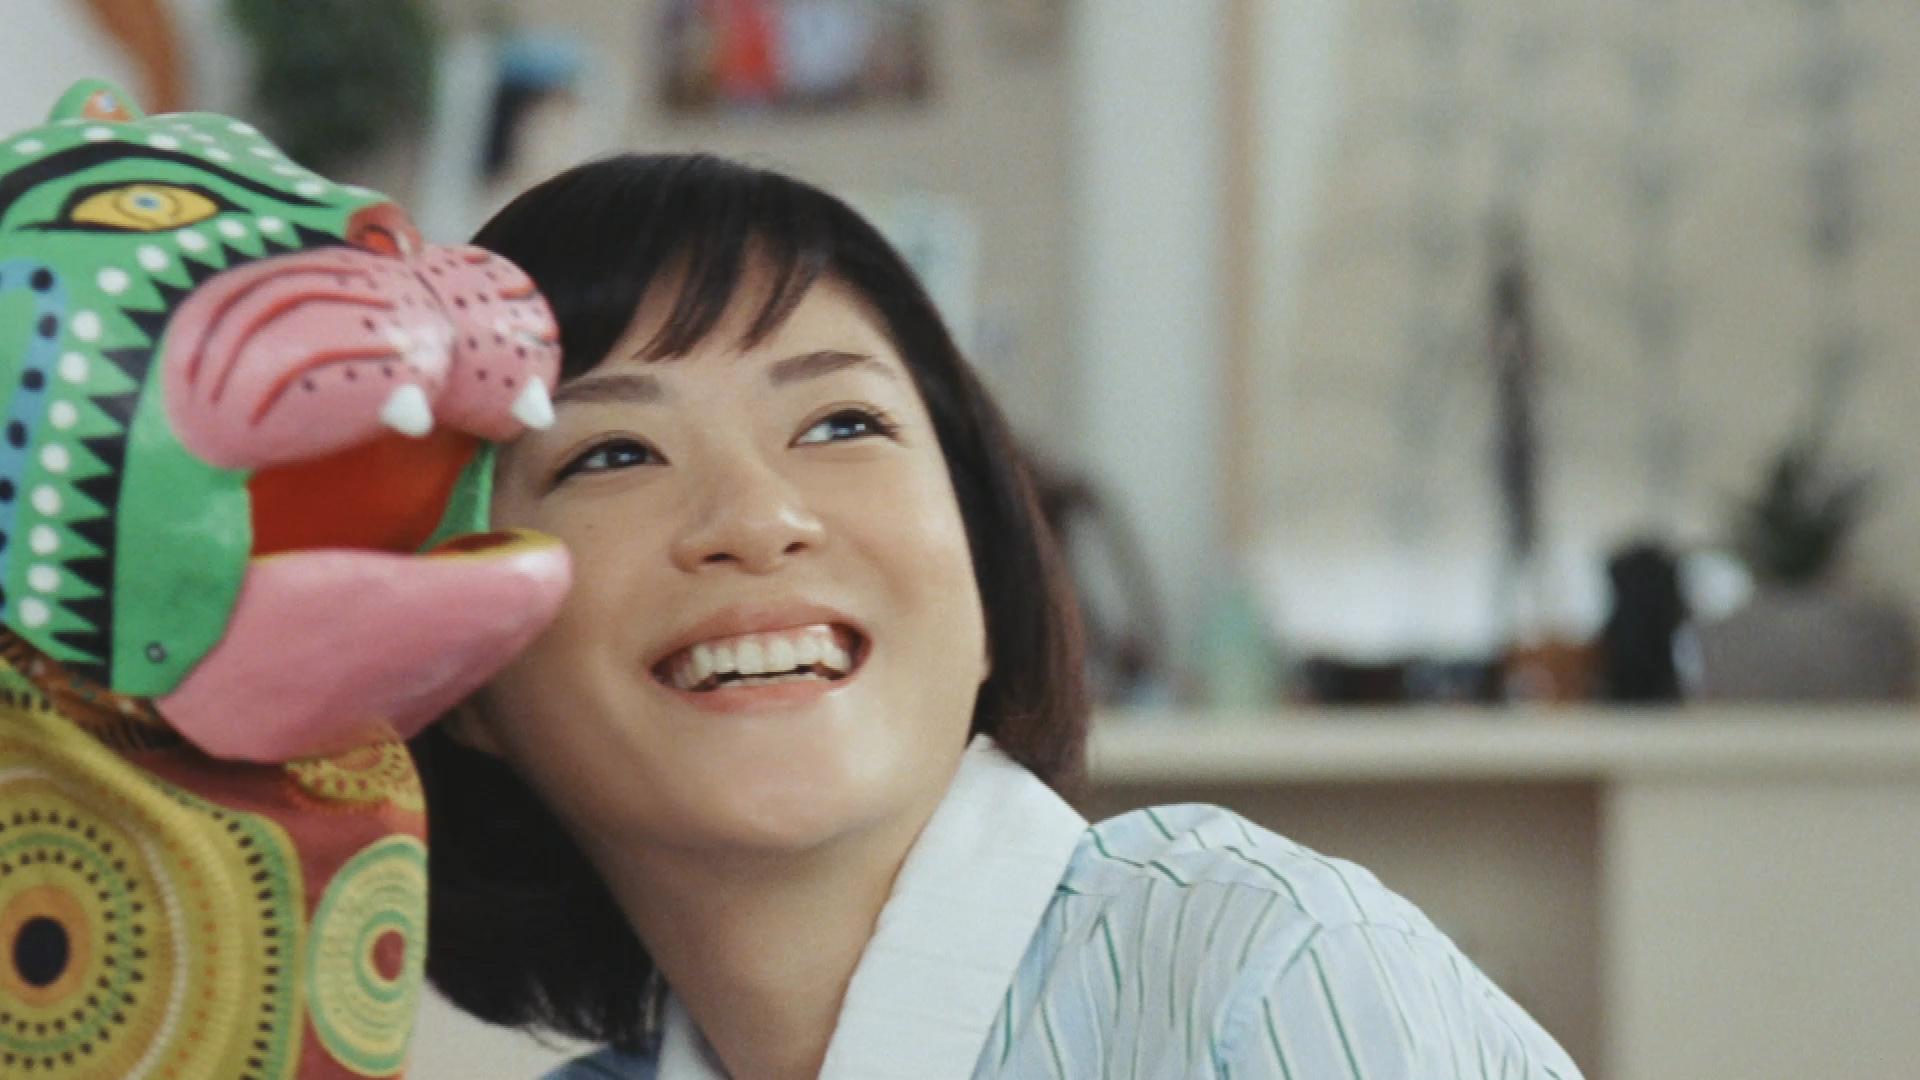 大和 ハウス cm 上野 樹里 の 相手 DルームのCMで上野樹里と結婚する俳優は誰? CMTV